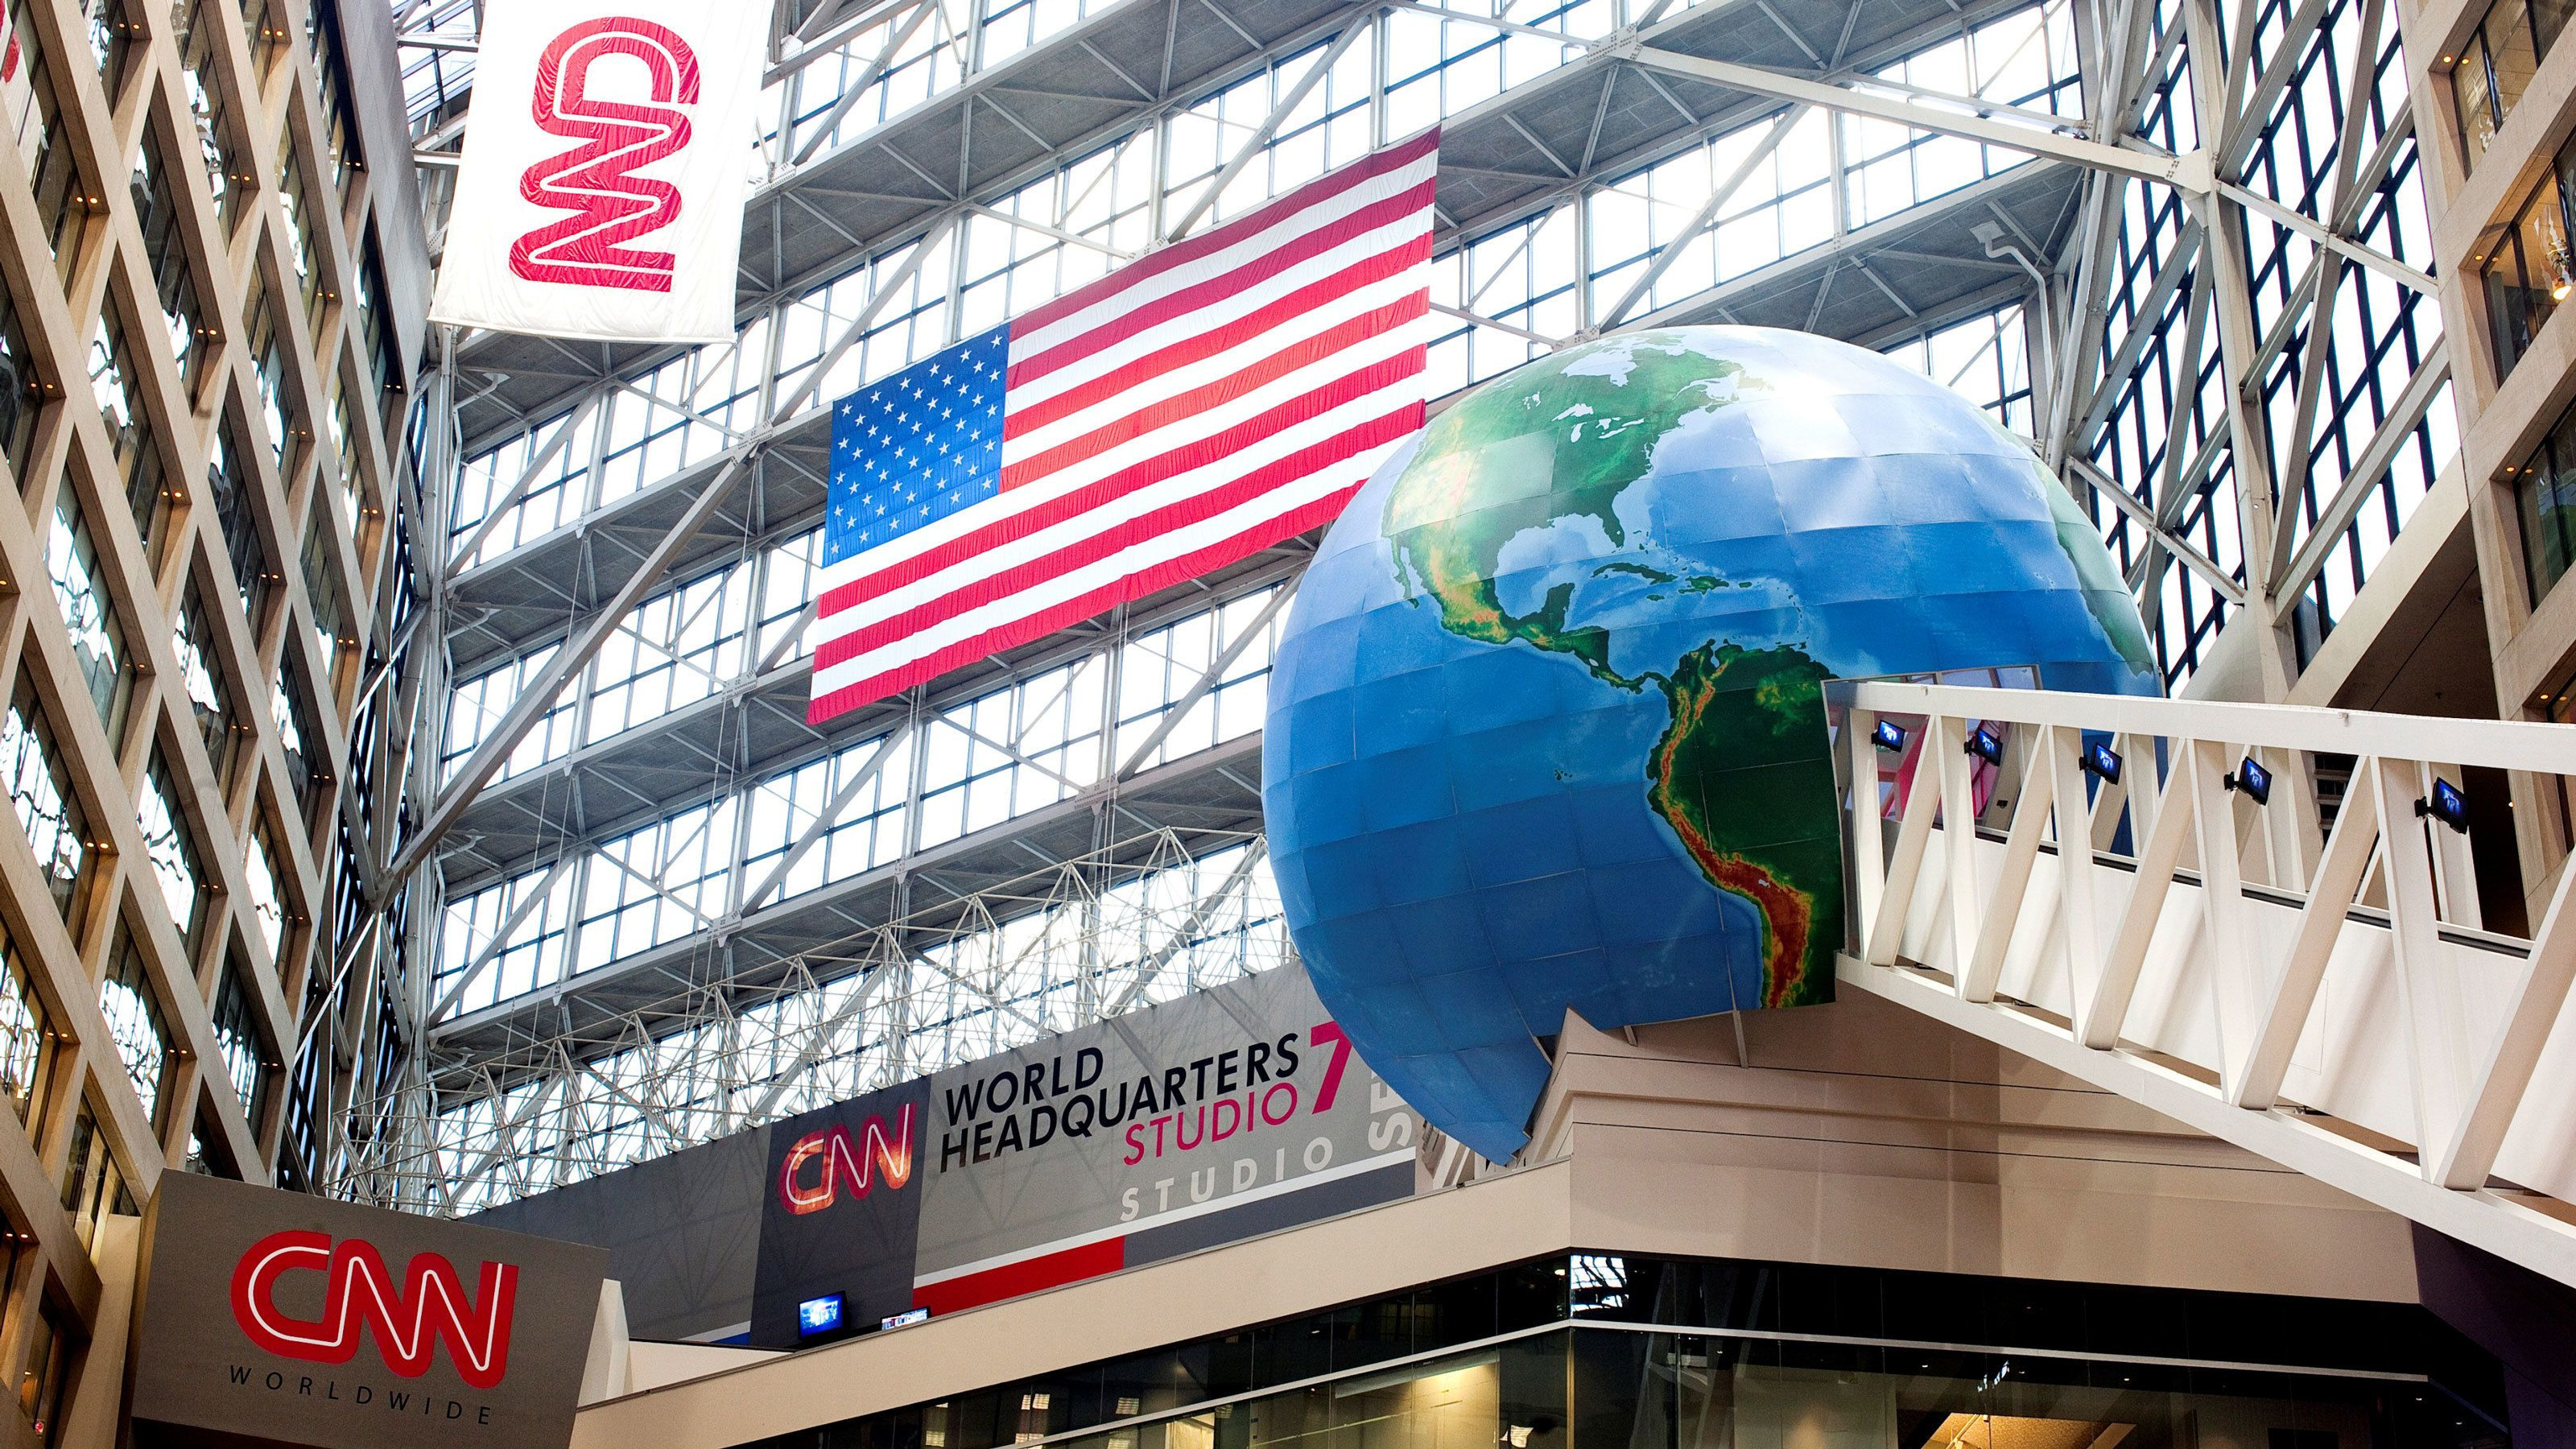 Entrance to CNN's studios in Atlanta